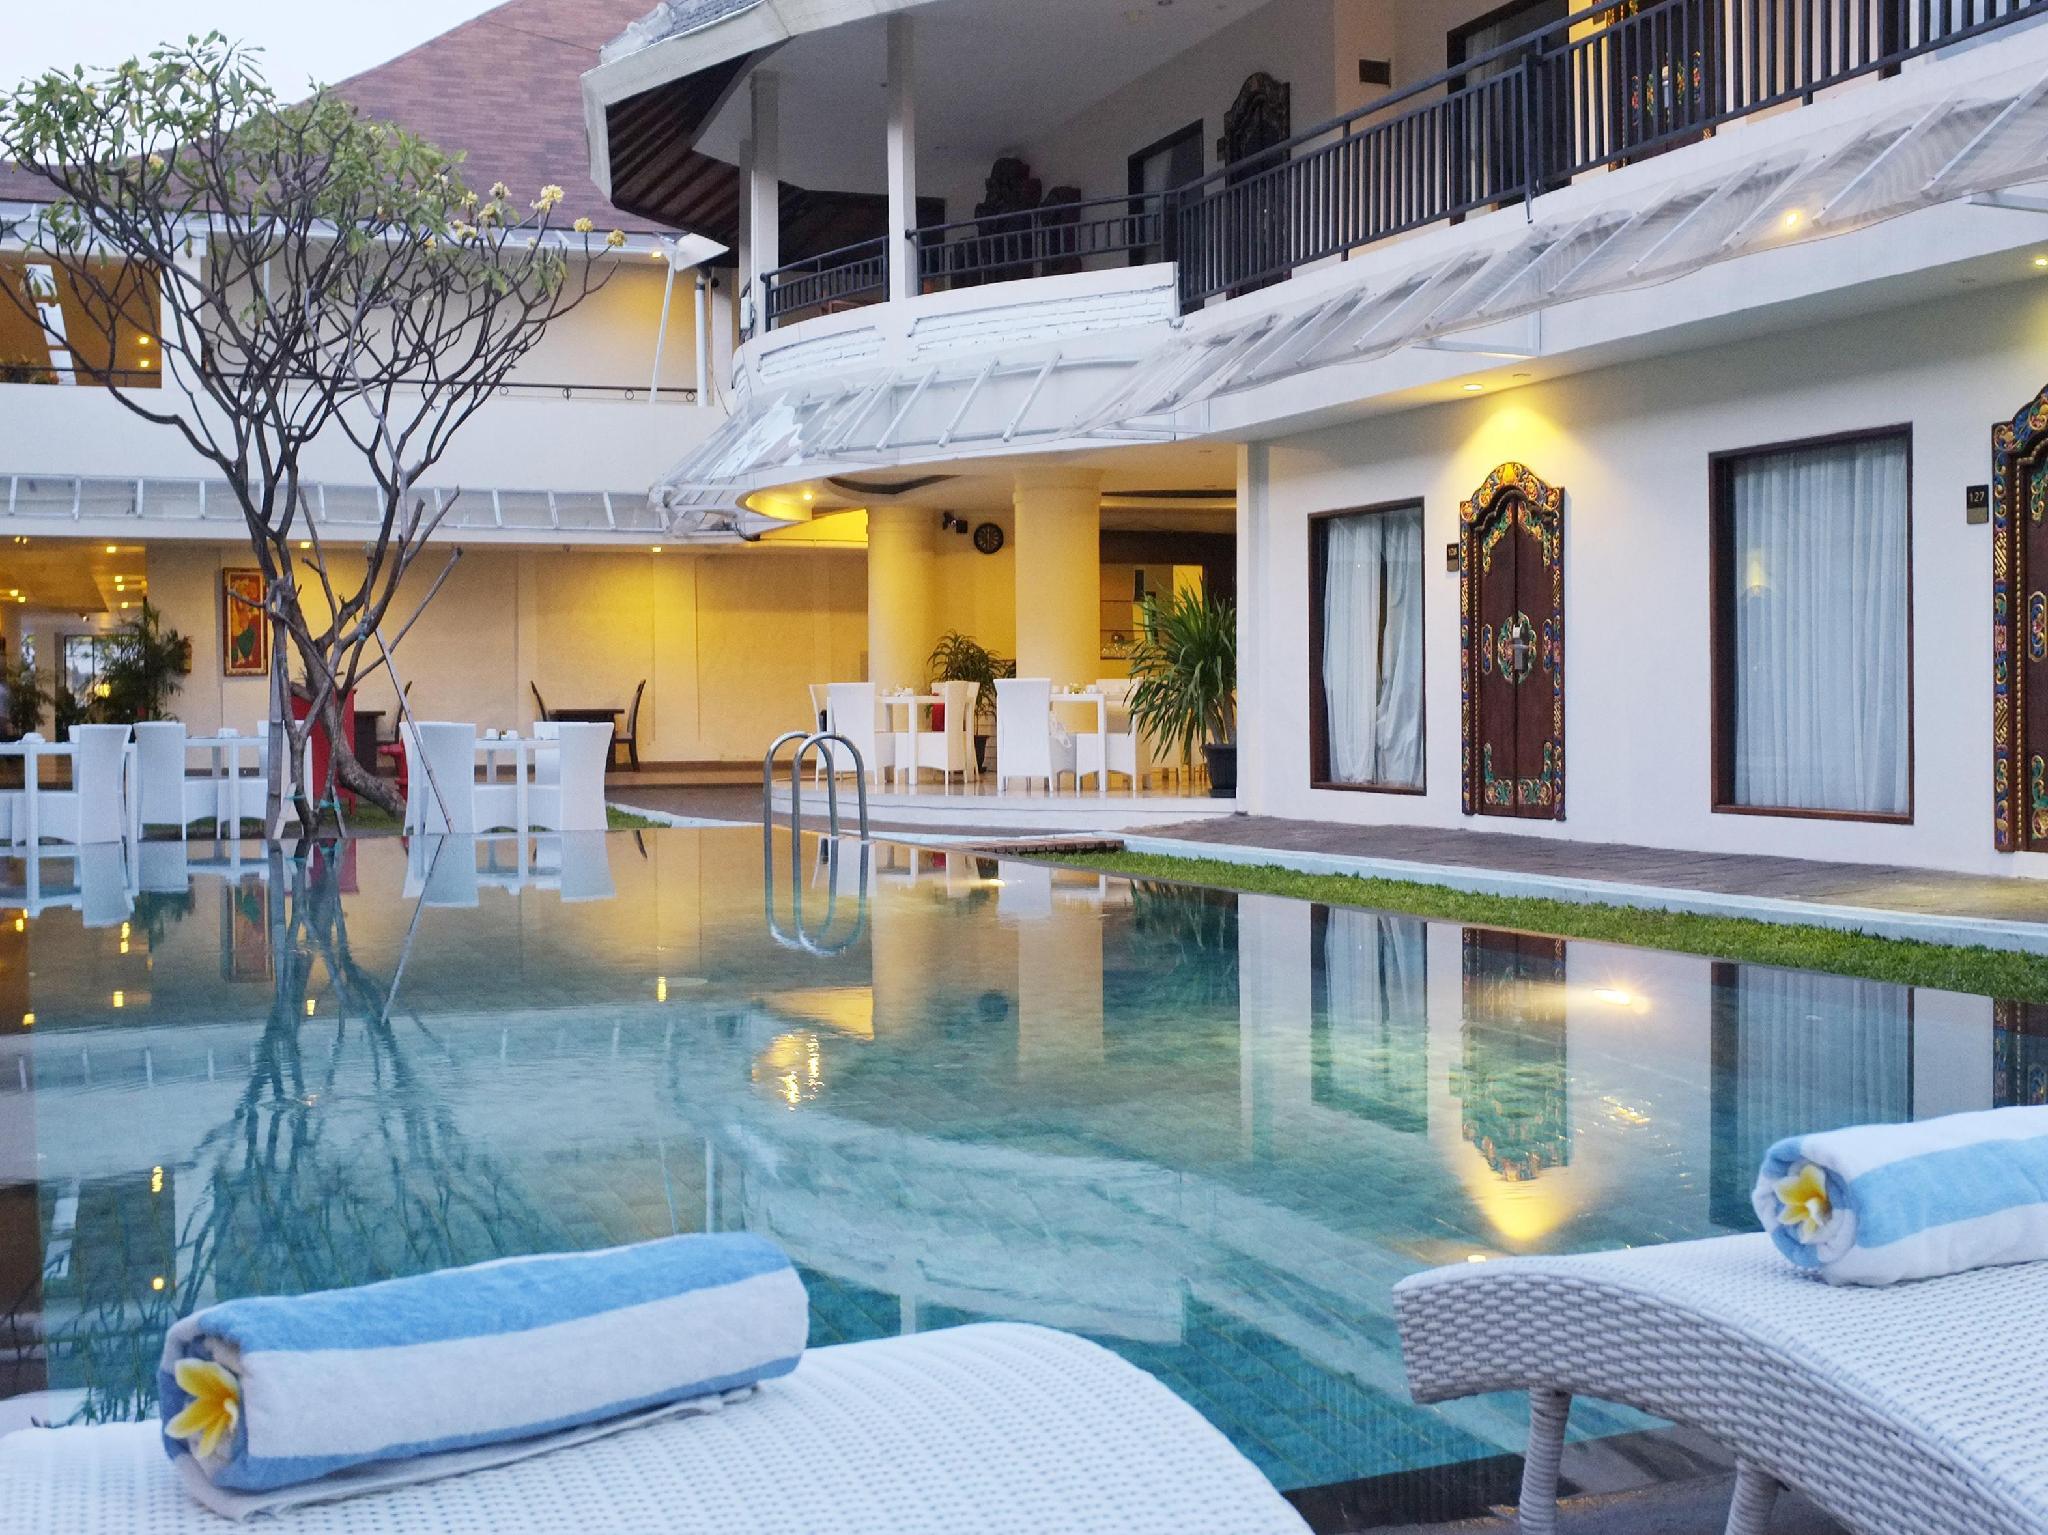 Asana Agung Putra Hotel Bali Bali